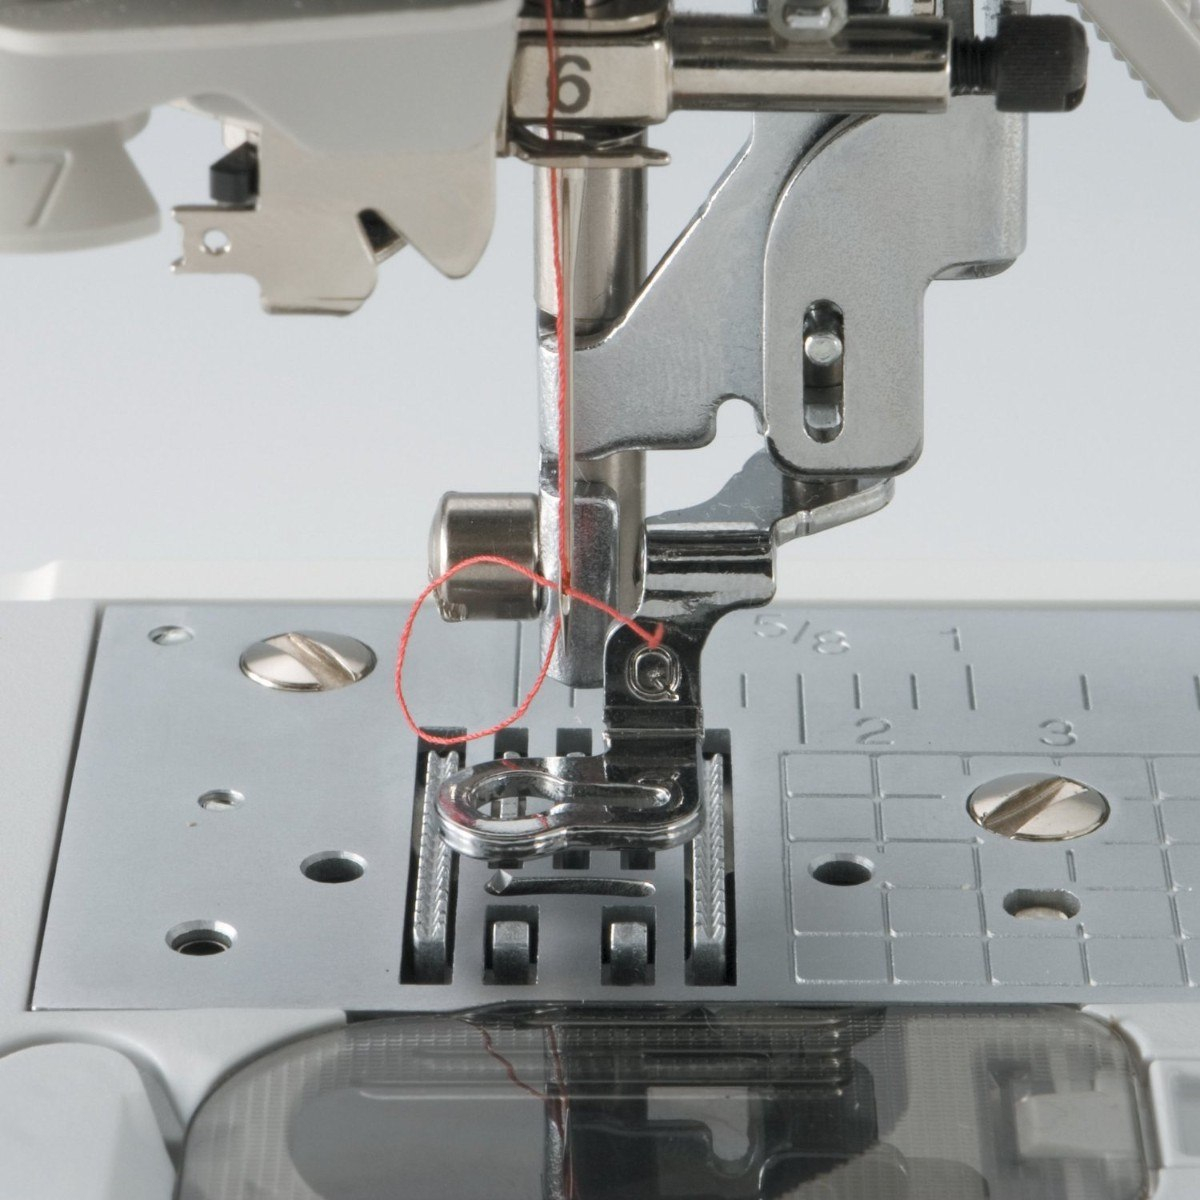 Mquinas para coser en Mexicali Baja California - PlanetaMexico